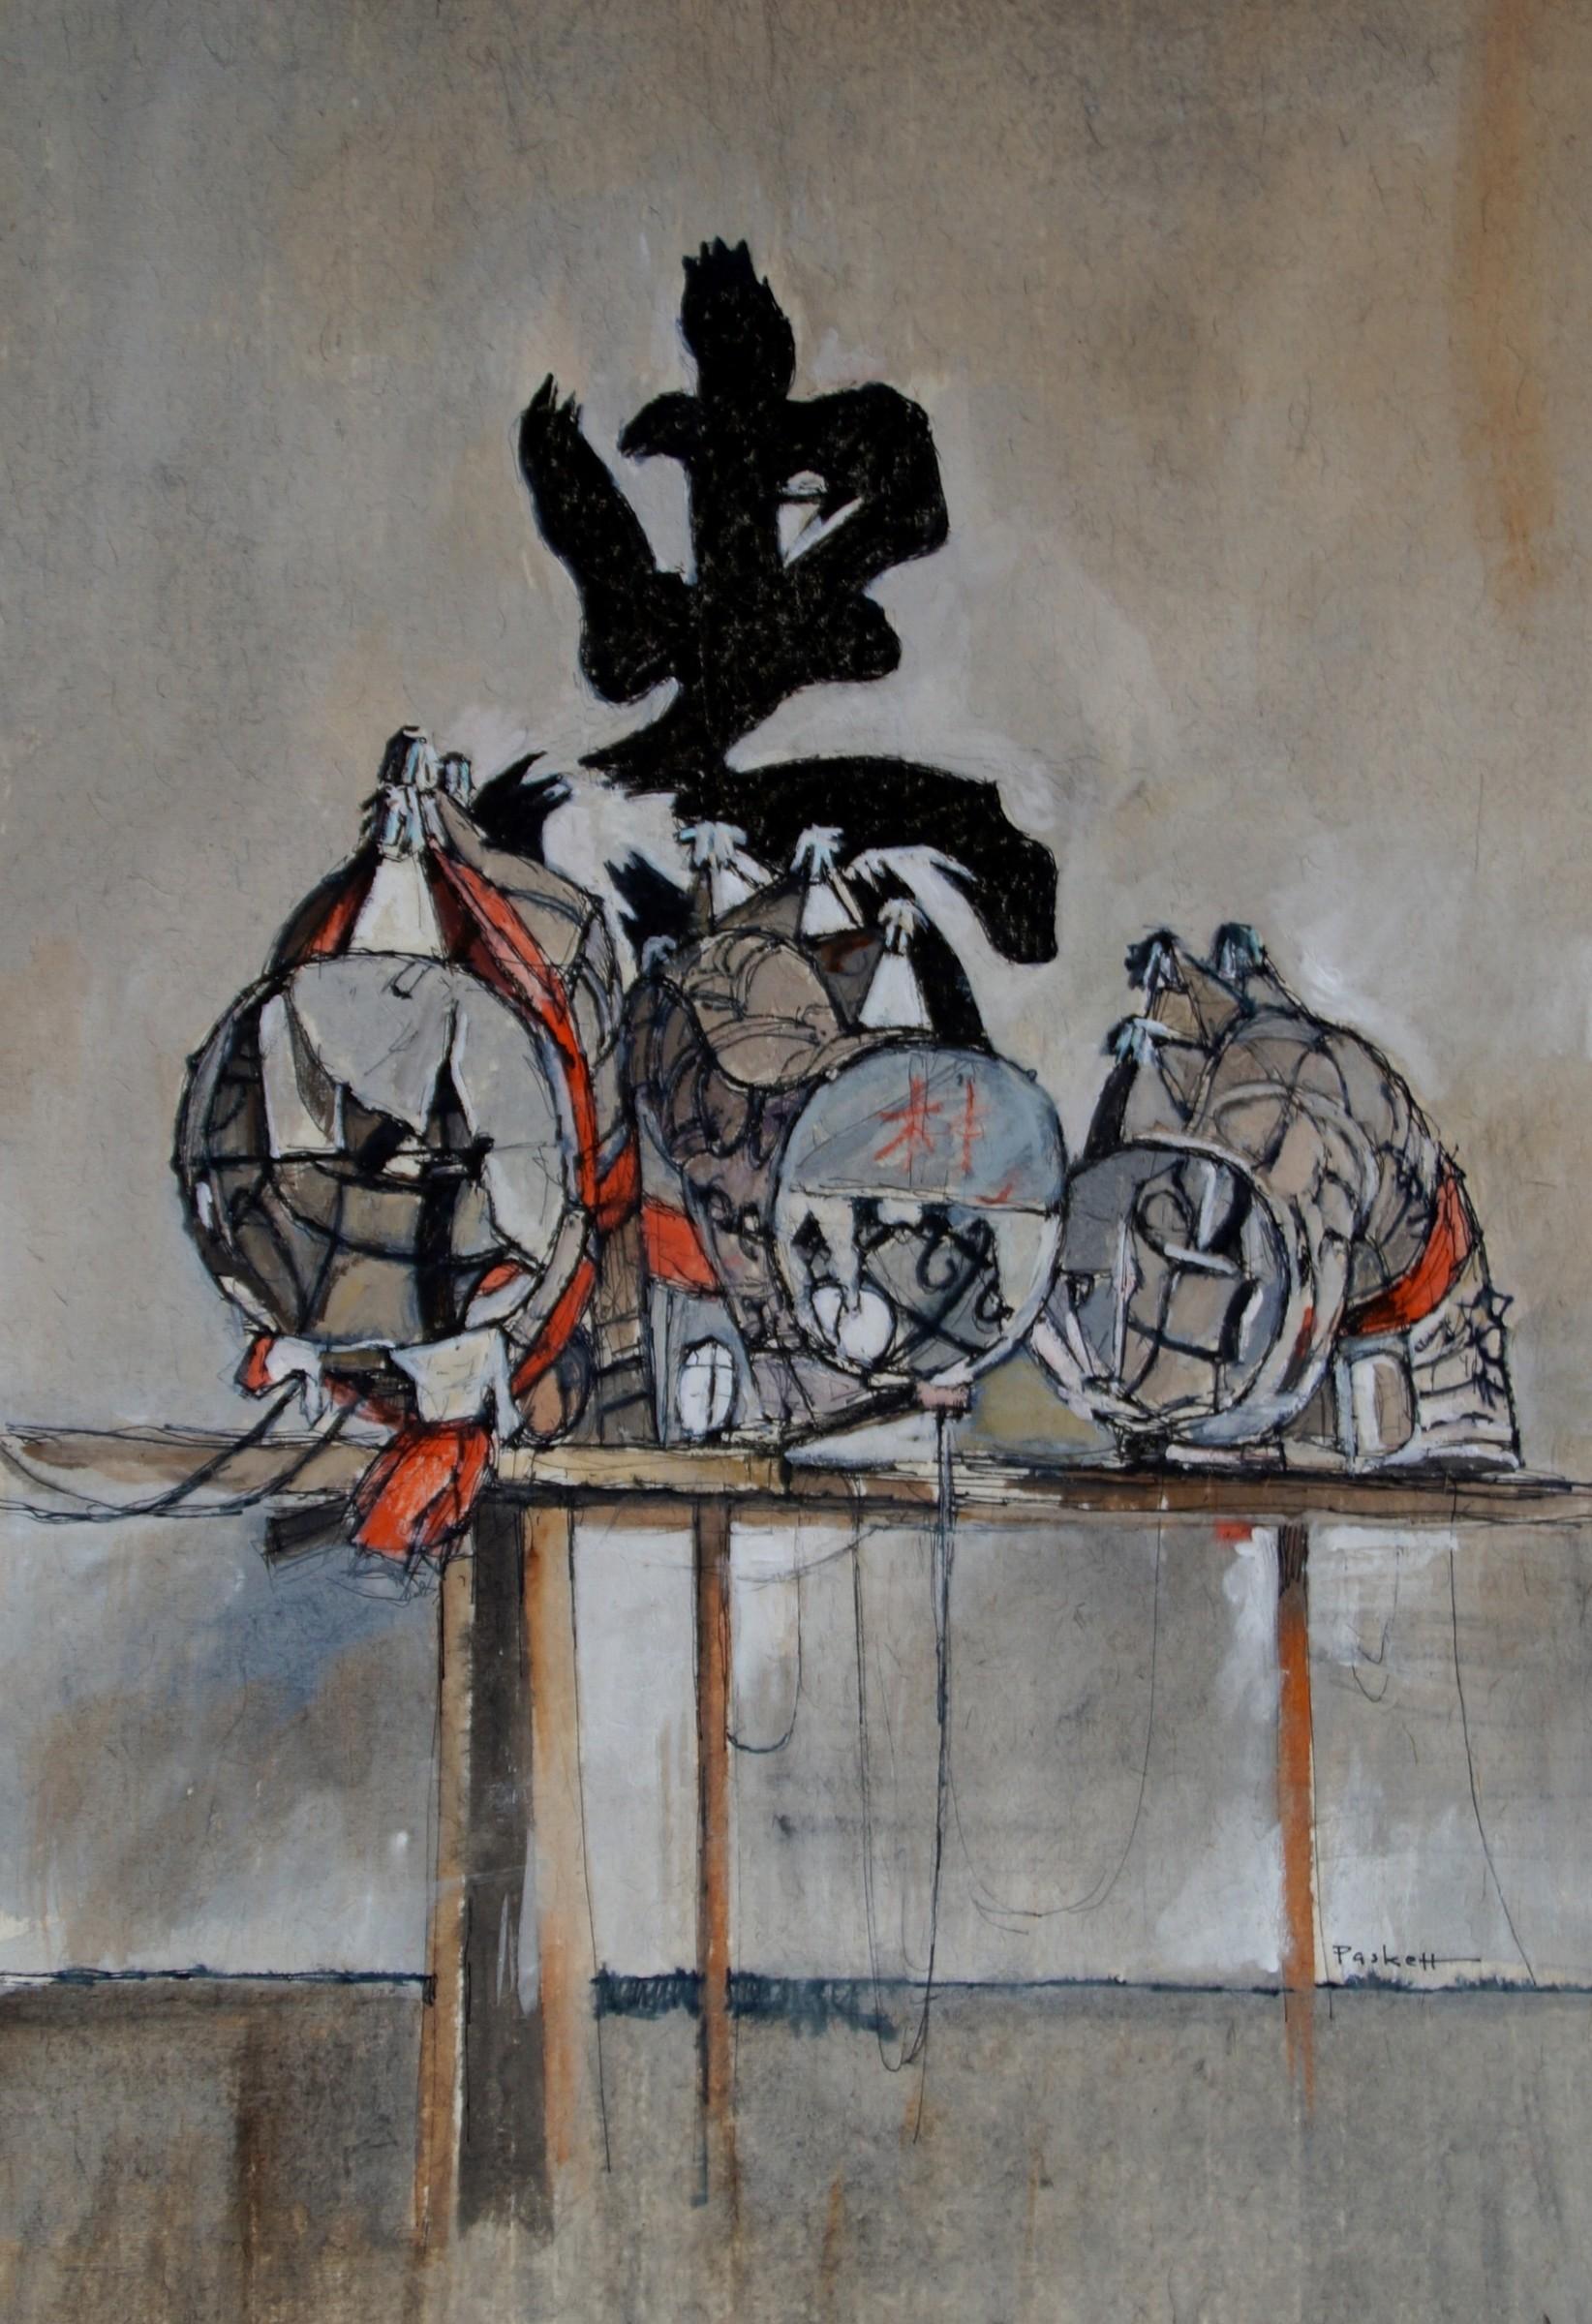 <span class=&#34;link fancybox-details-link&#34;><a href=&#34;/exhibitions/24/works/artworks_standalone10764/&#34;>View Detail Page</a></span><div class=&#34;artist&#34;><span class=&#34;artist&#34;><strong>David Paskett</strong></span></div><div class=&#34;title&#34;><em>Once a Paper Dragon</em></div><div class=&#34;medium&#34;>watercolour & pen</div>